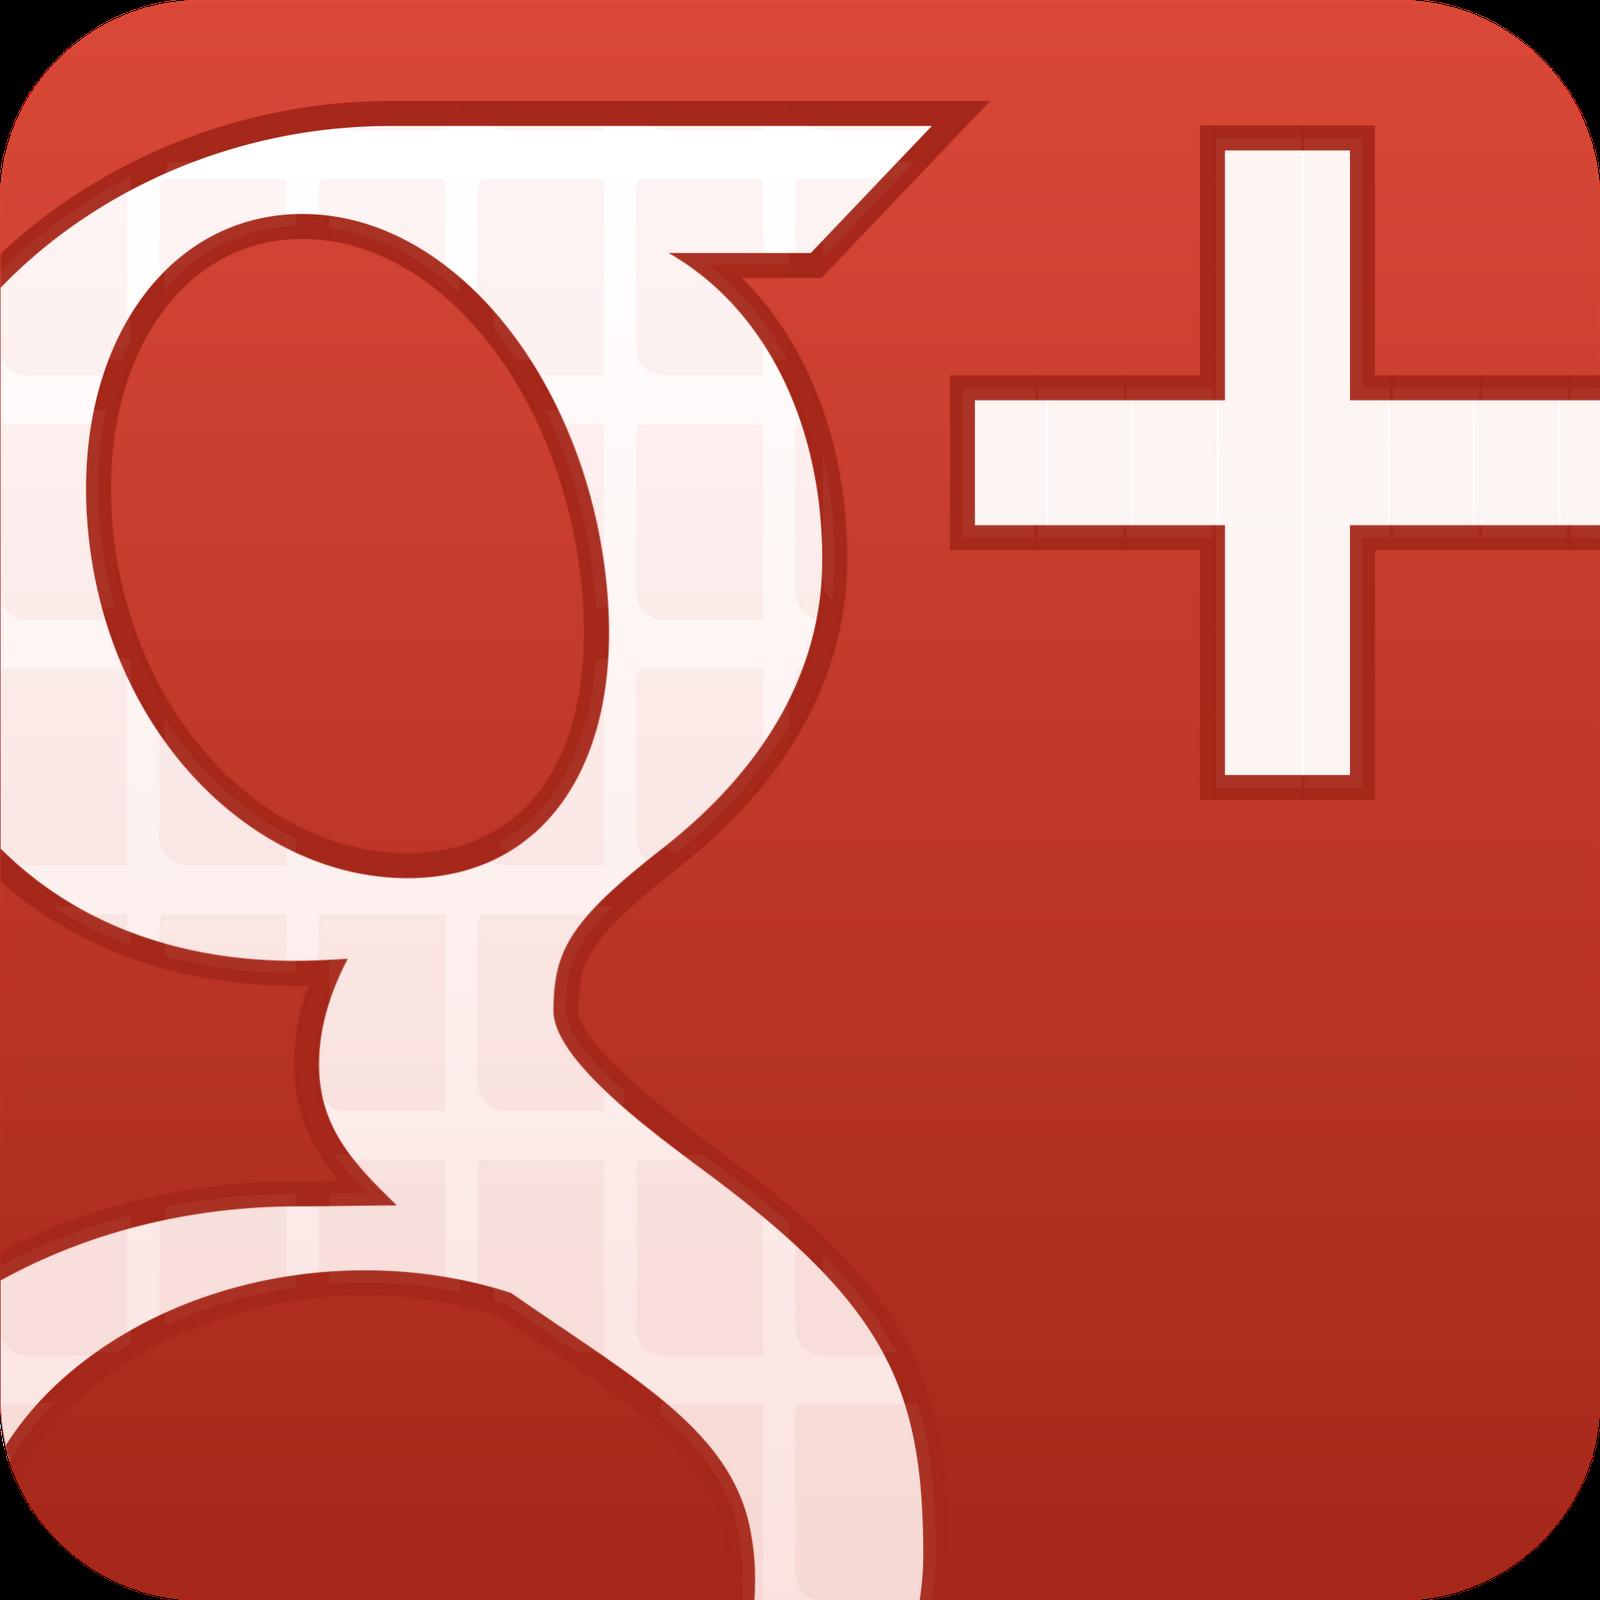 google-plus-logo-15.png